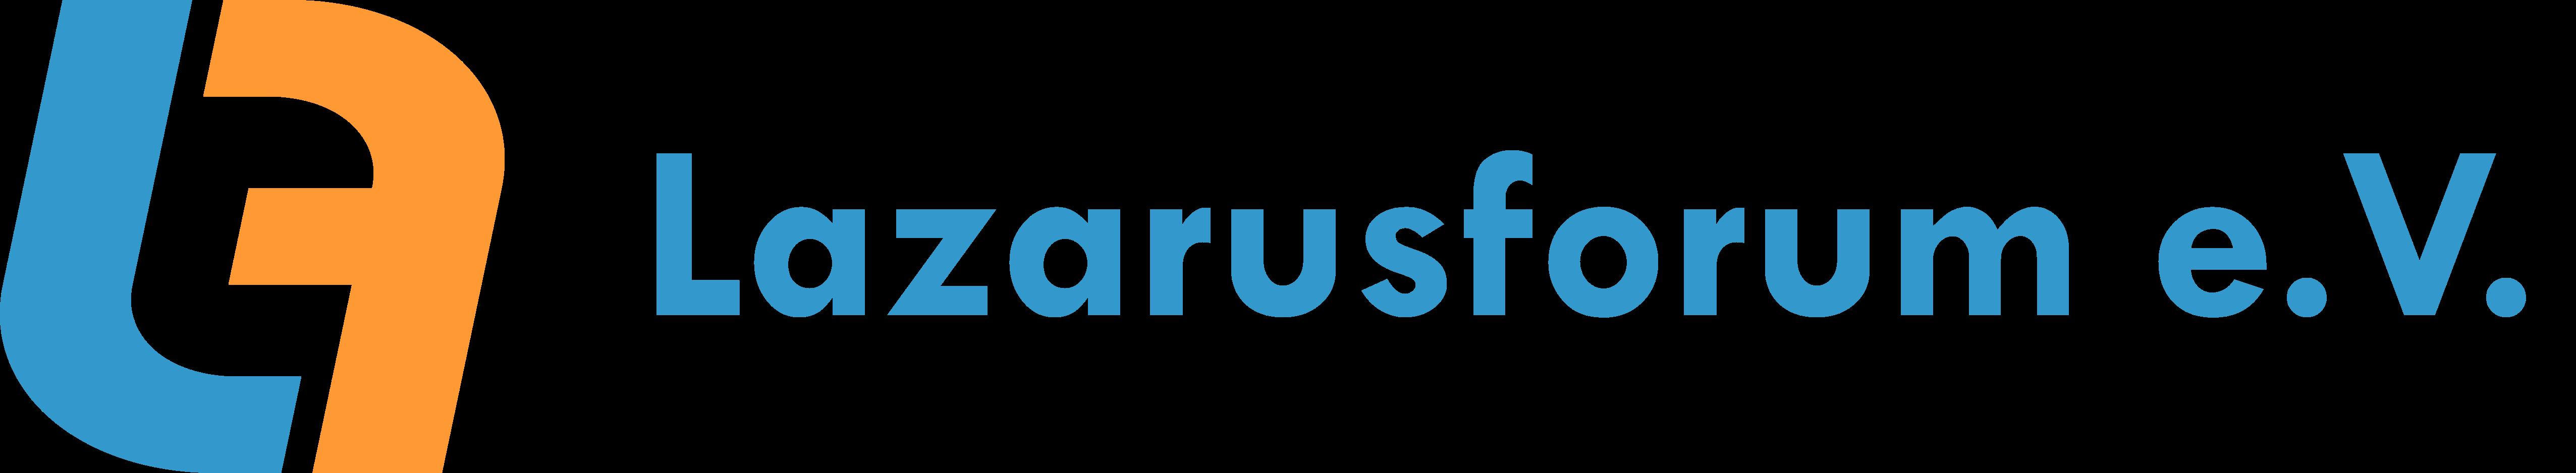 Lazarusforum e.V.